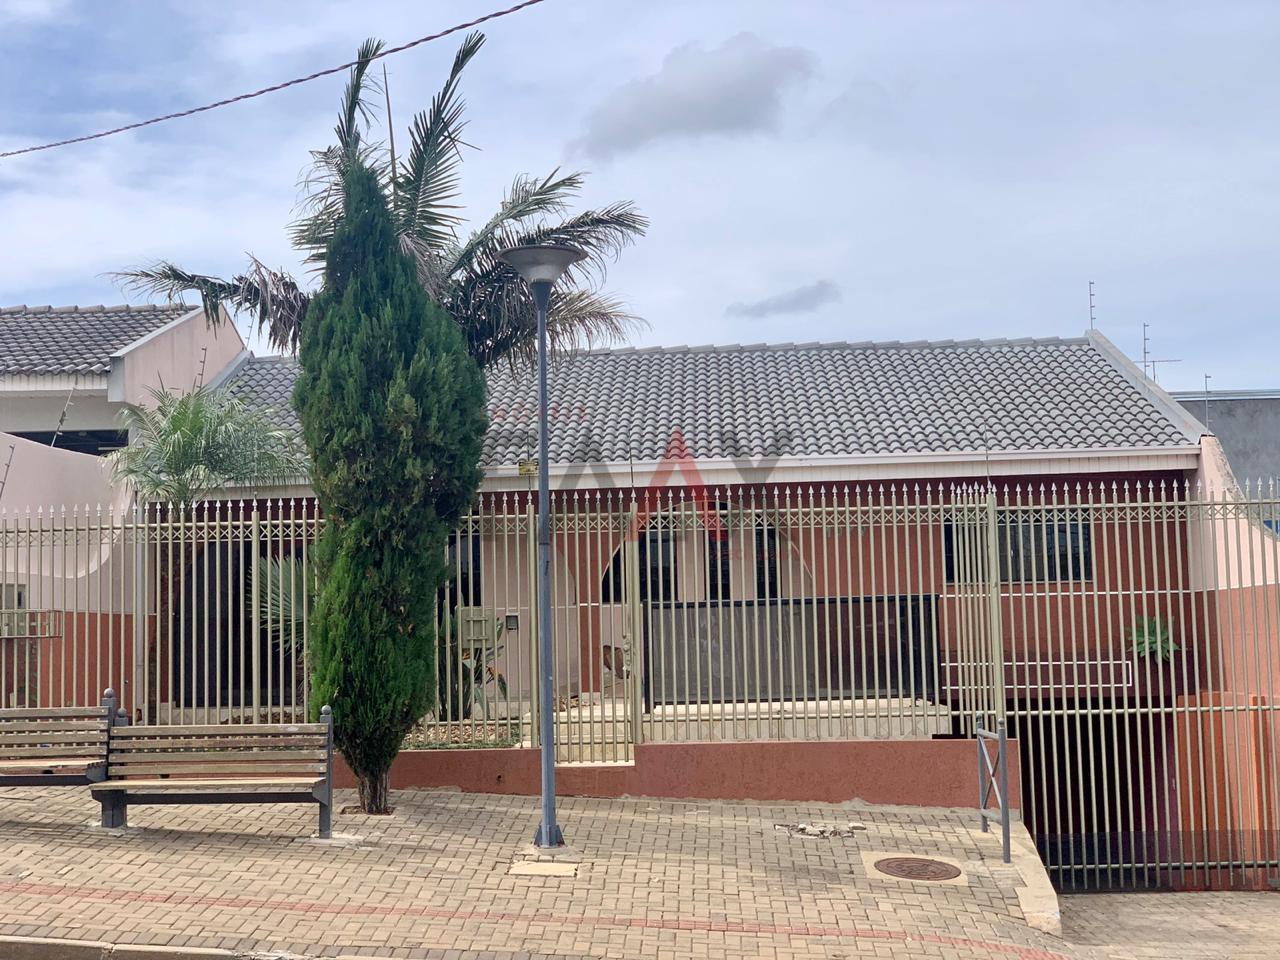 Casa com 3 dormitórios à venda,160.77m², VILA BELA, GUARAPUAVA - PR